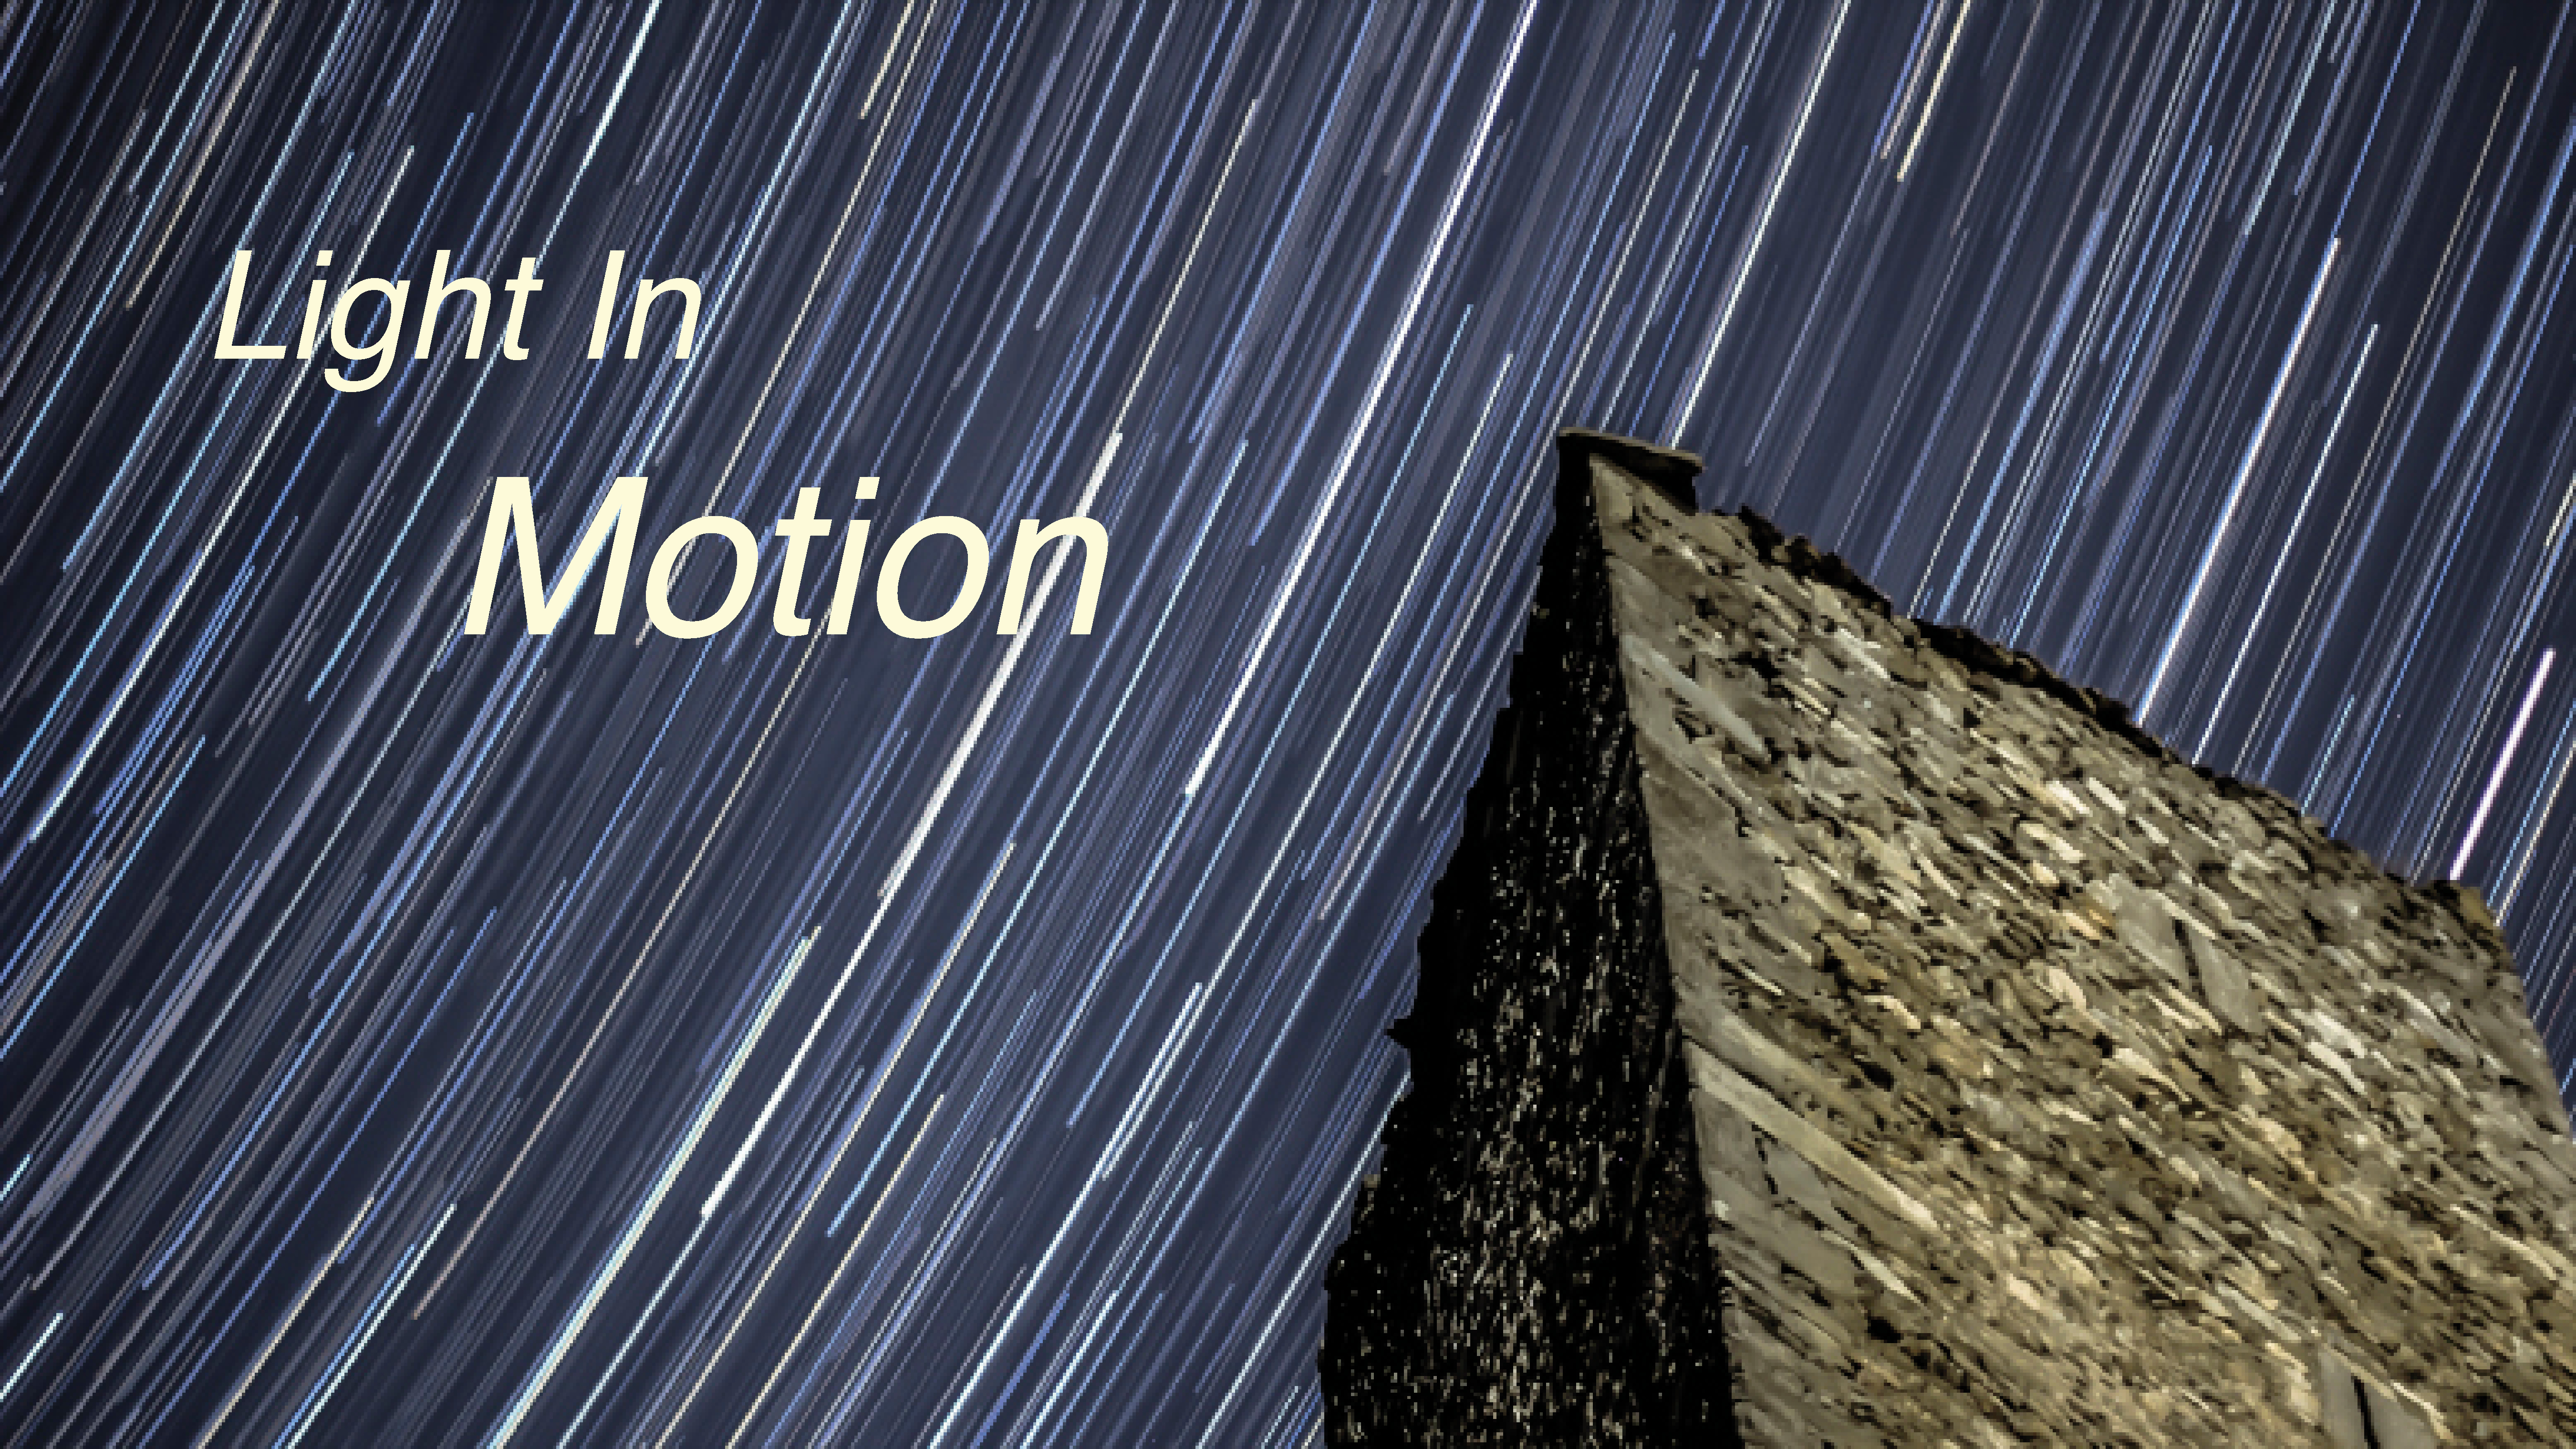 Light In Motion